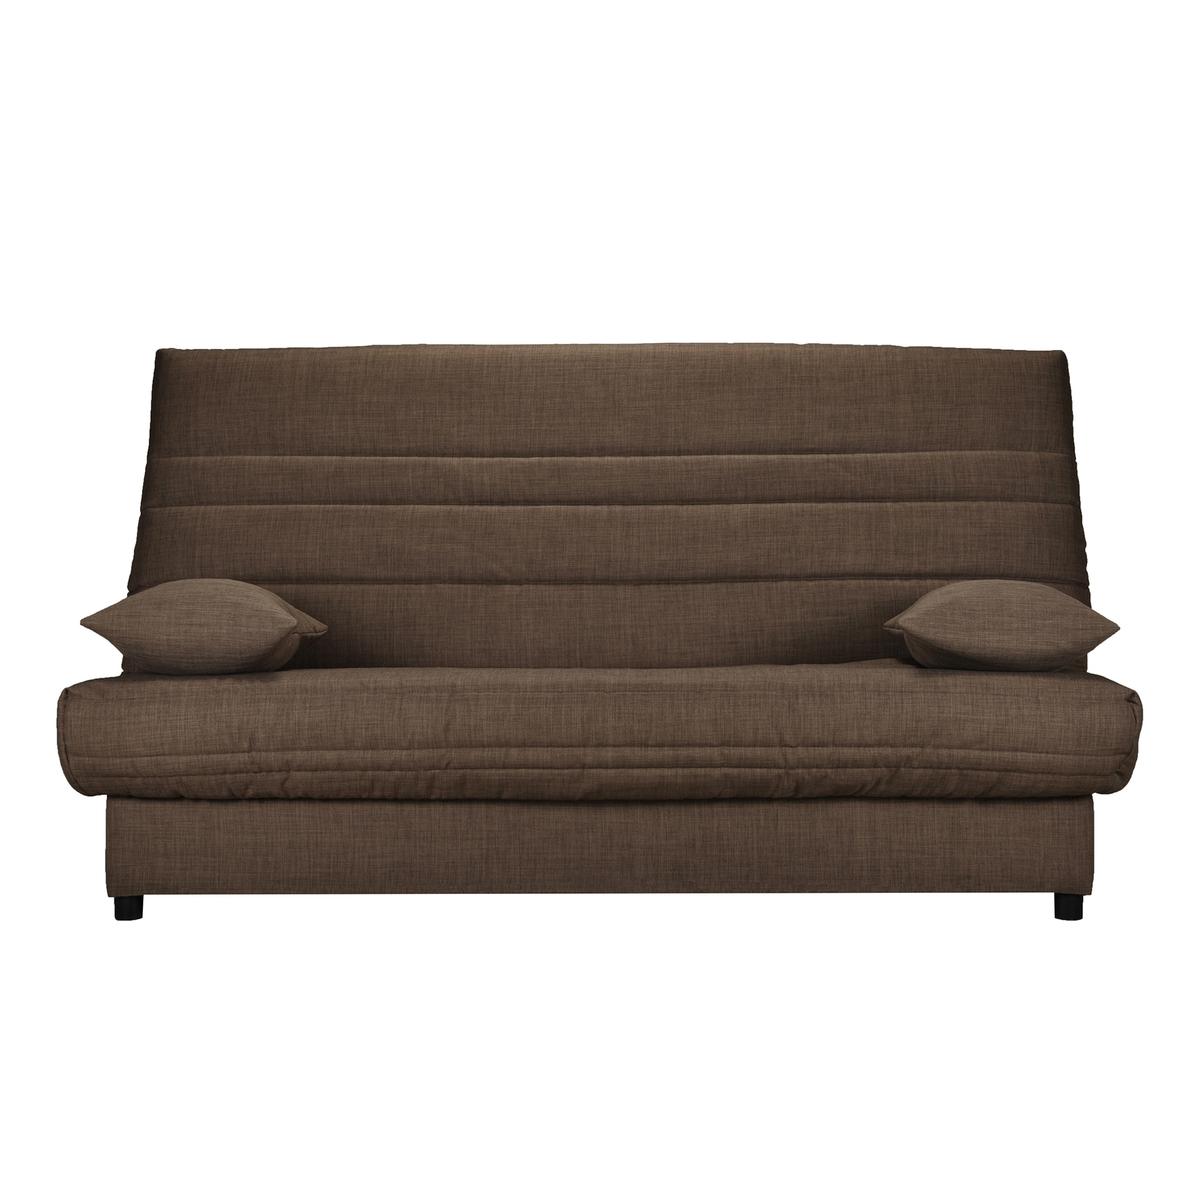 Copripiumone speciale rinnovo per divano e zoccolo clic-clac